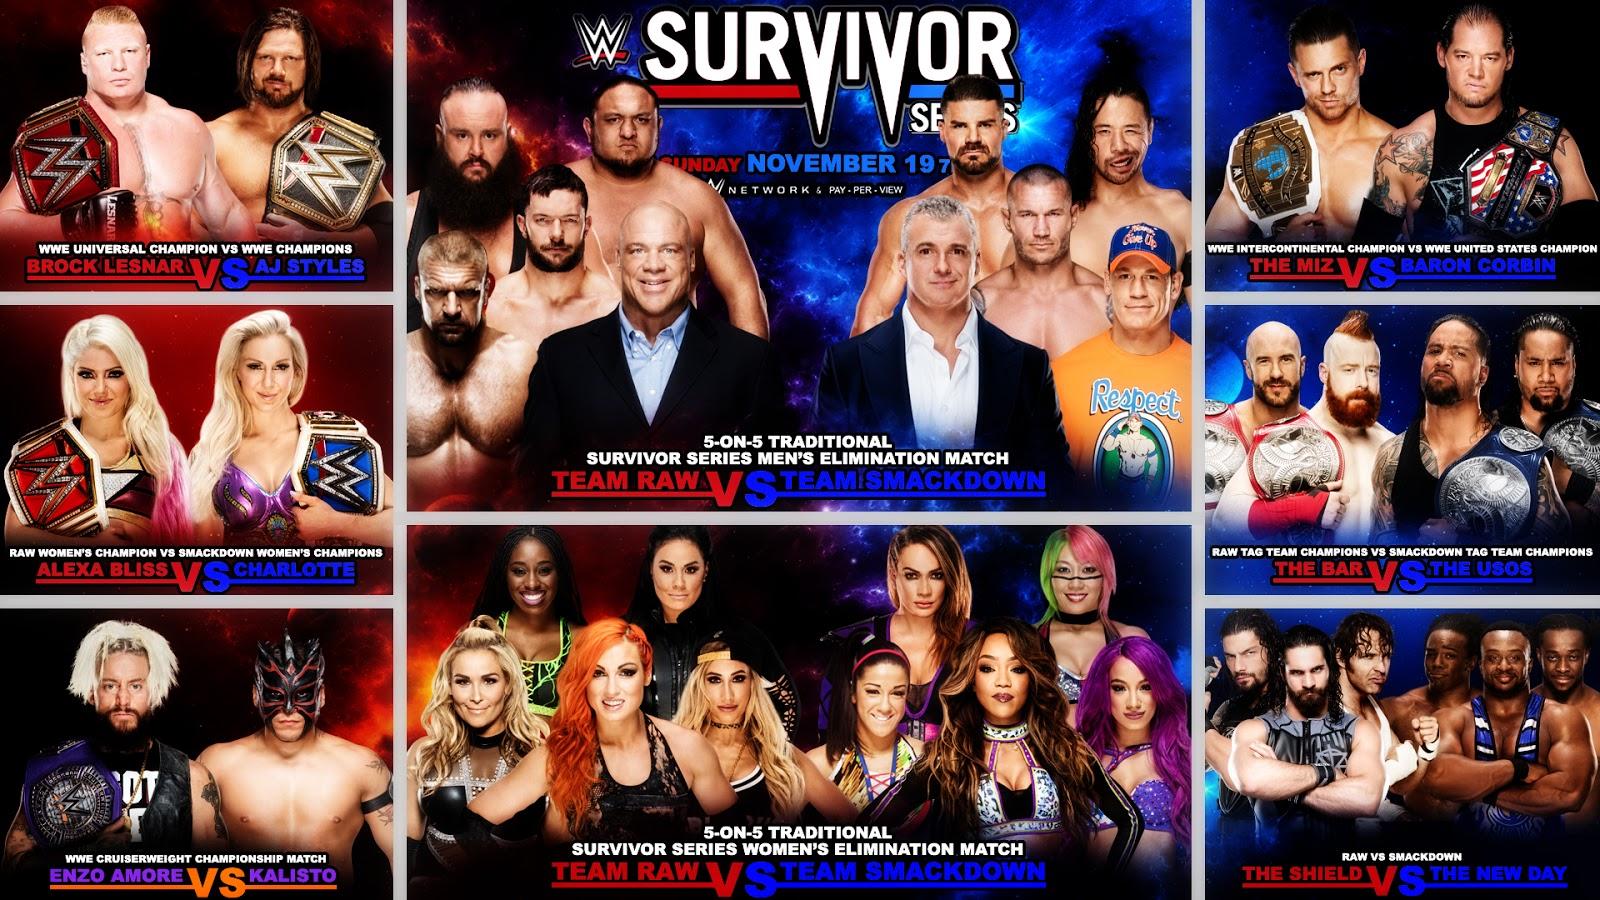 2017 wwe survivor series matches